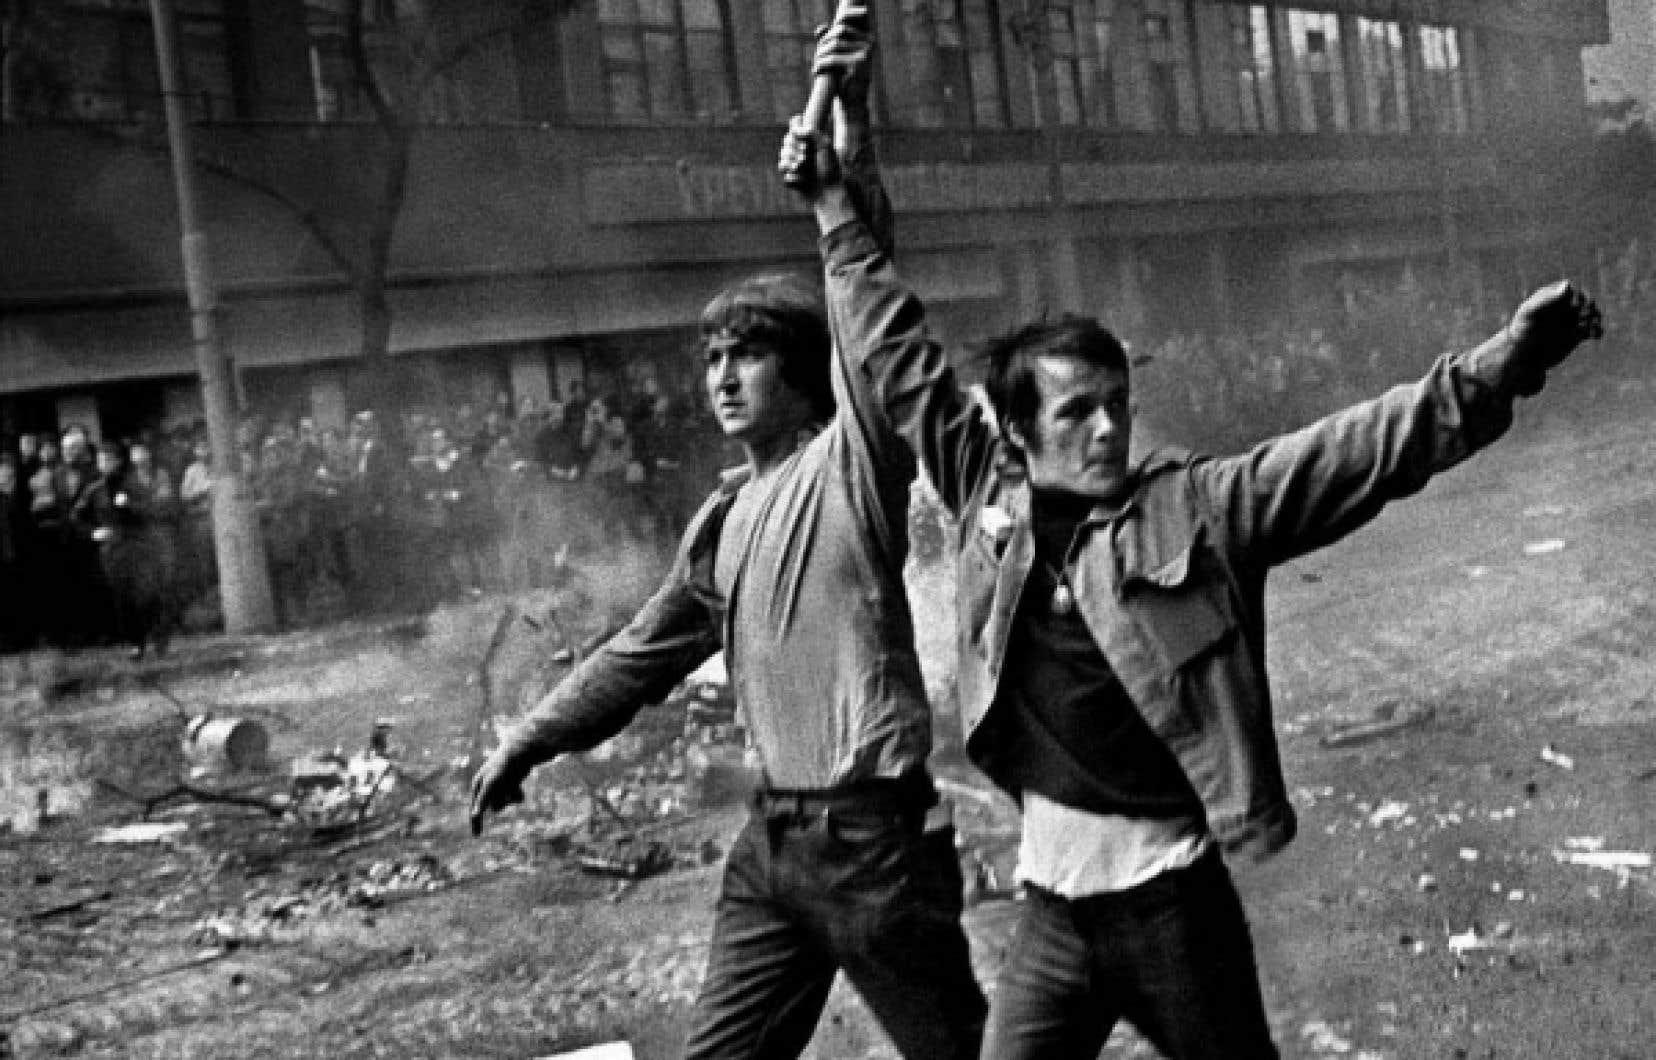 Joseph Koudelka, célèbre notamment pour avoir photographié l'invasion soviétique de Prague en 1968 (notre photo), compte au nombre des membres de l'imposante écurie de Magnum.